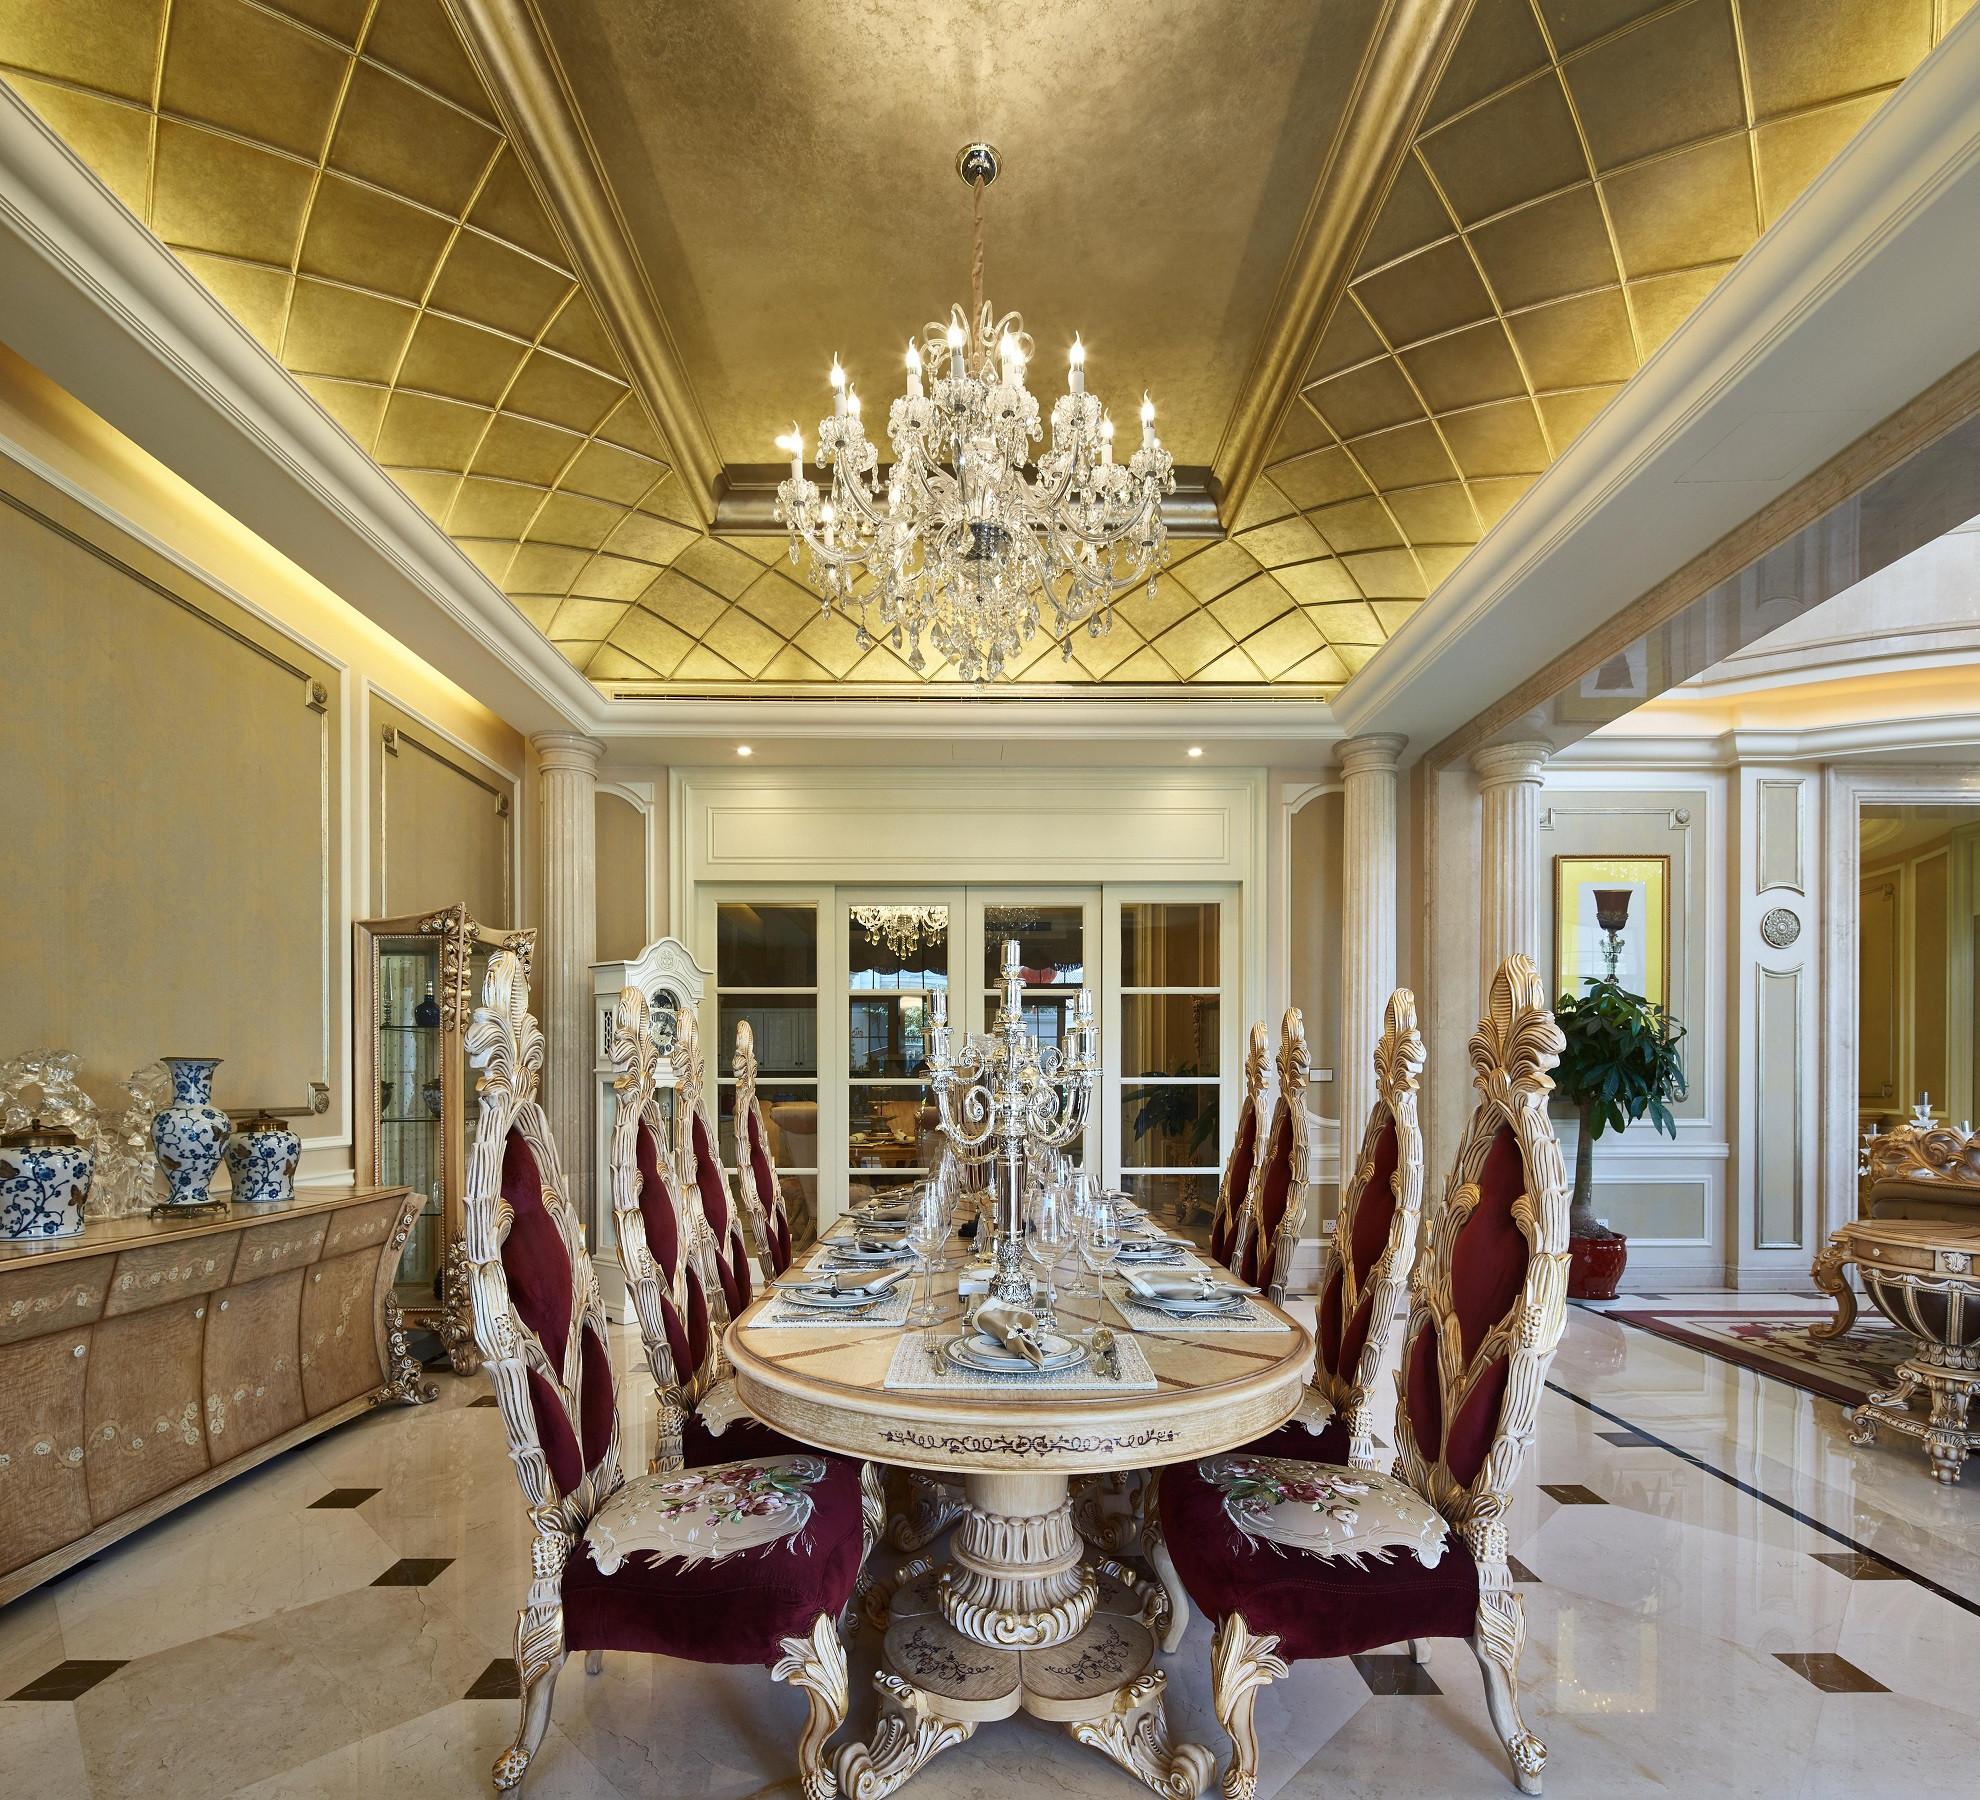 欧式风格别墅装修餐厅吊顶设计